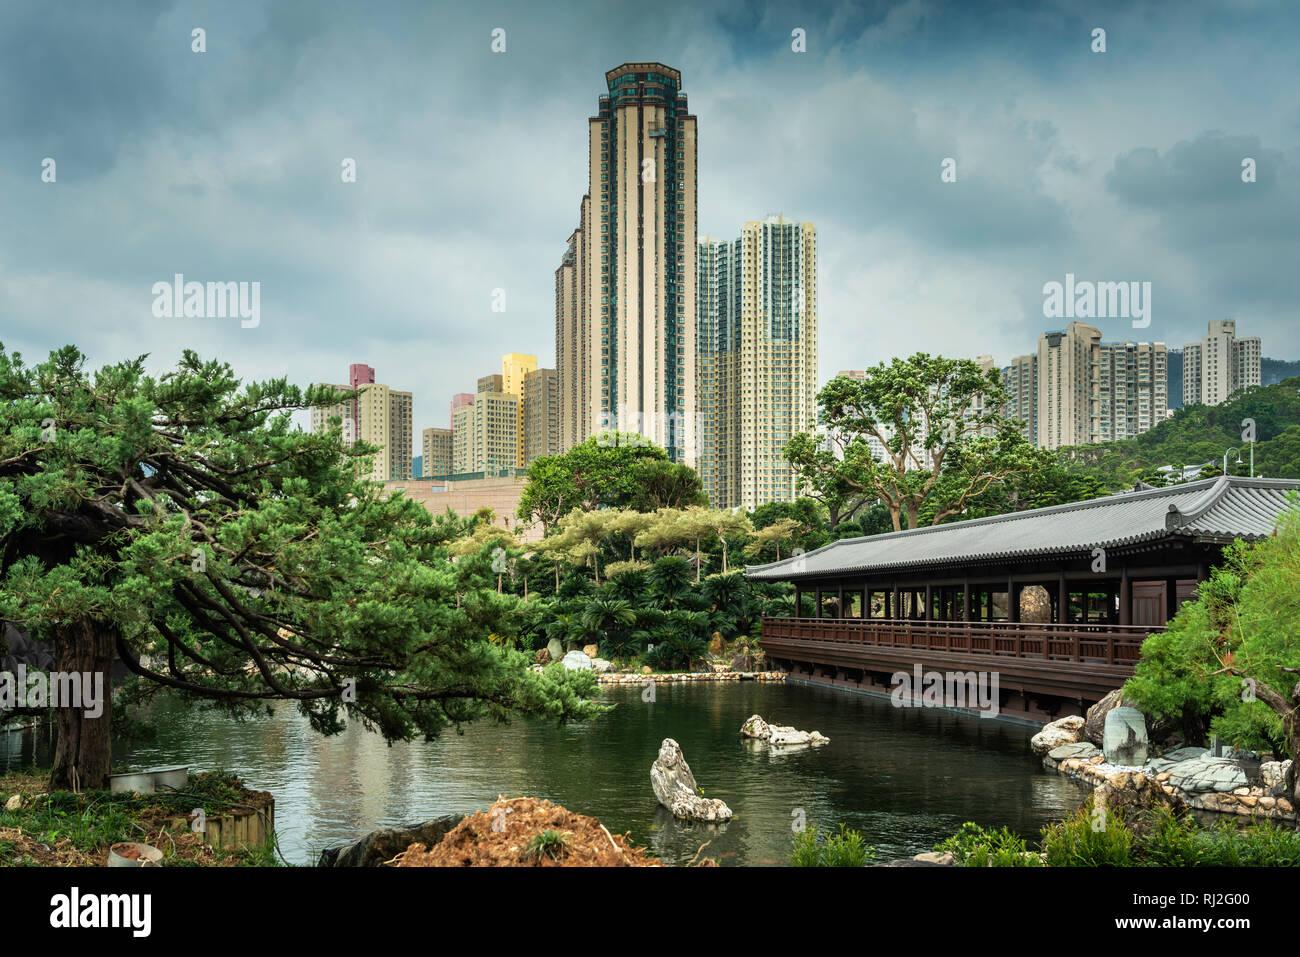 The Nan Lian Garden in Diamond Hill, Kowloon, Hong Kong, China, Asia. Stock Photo